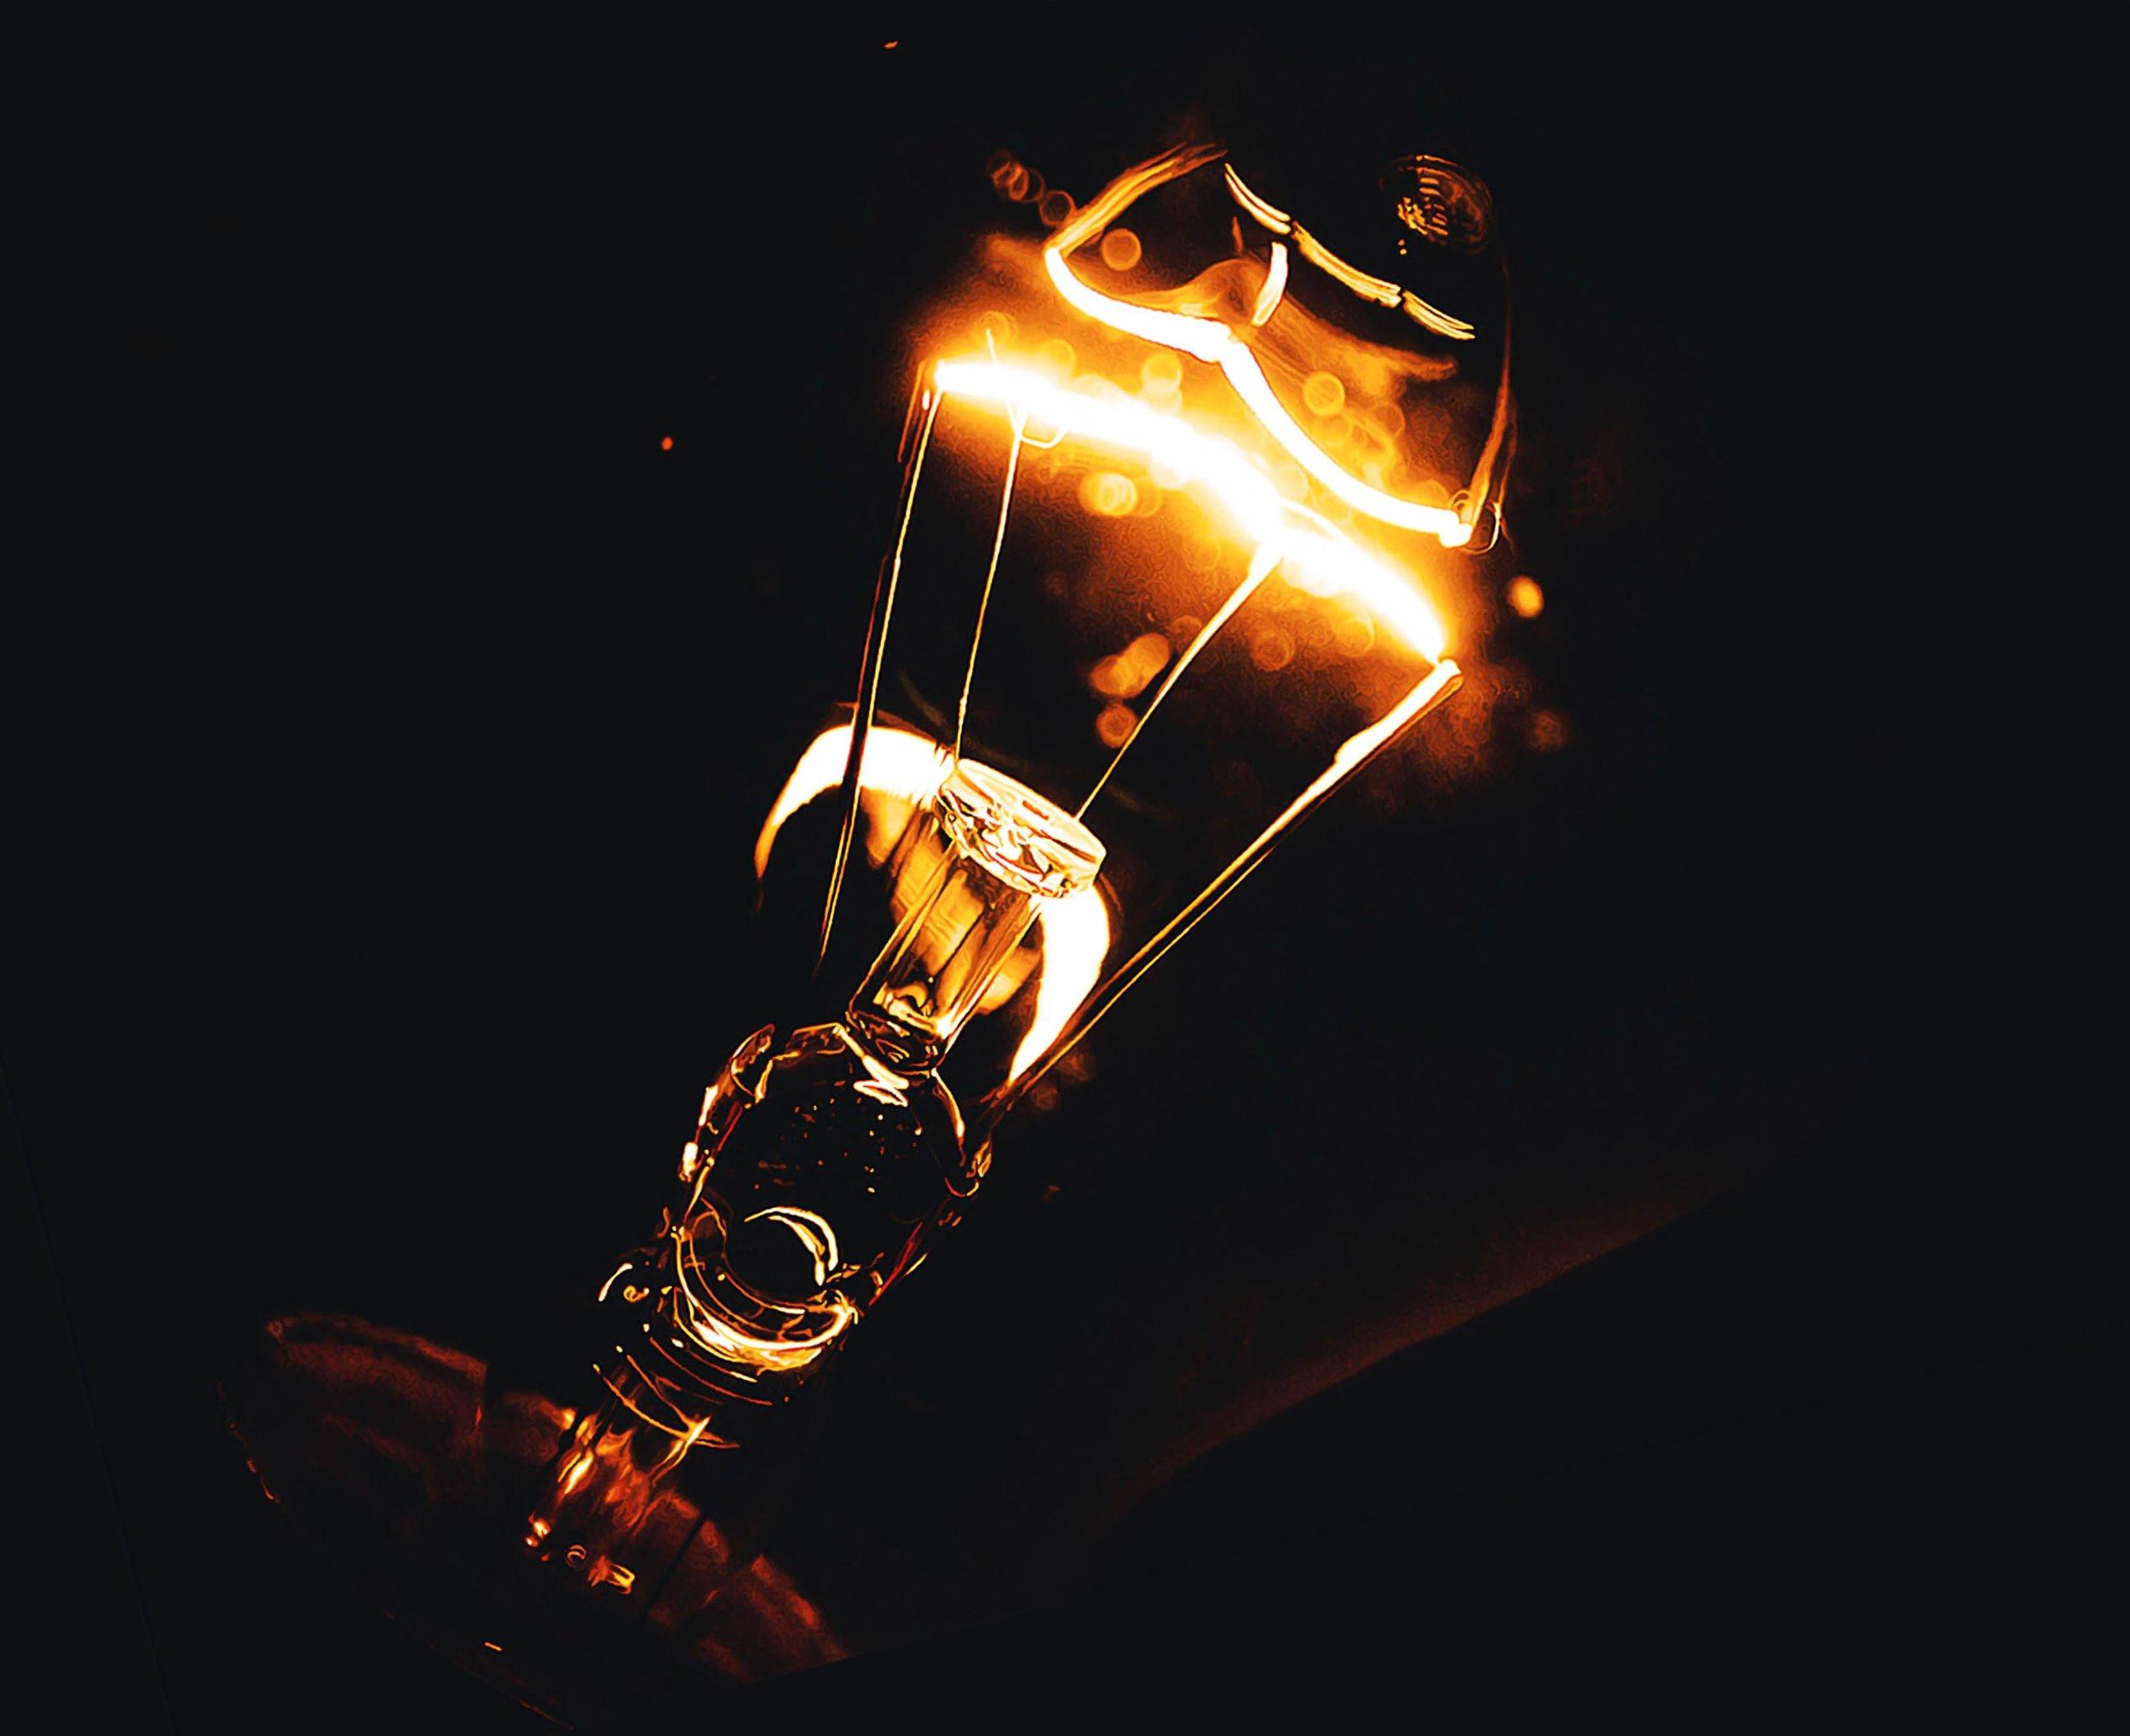 blur-bokeh-bright-672186.jpg